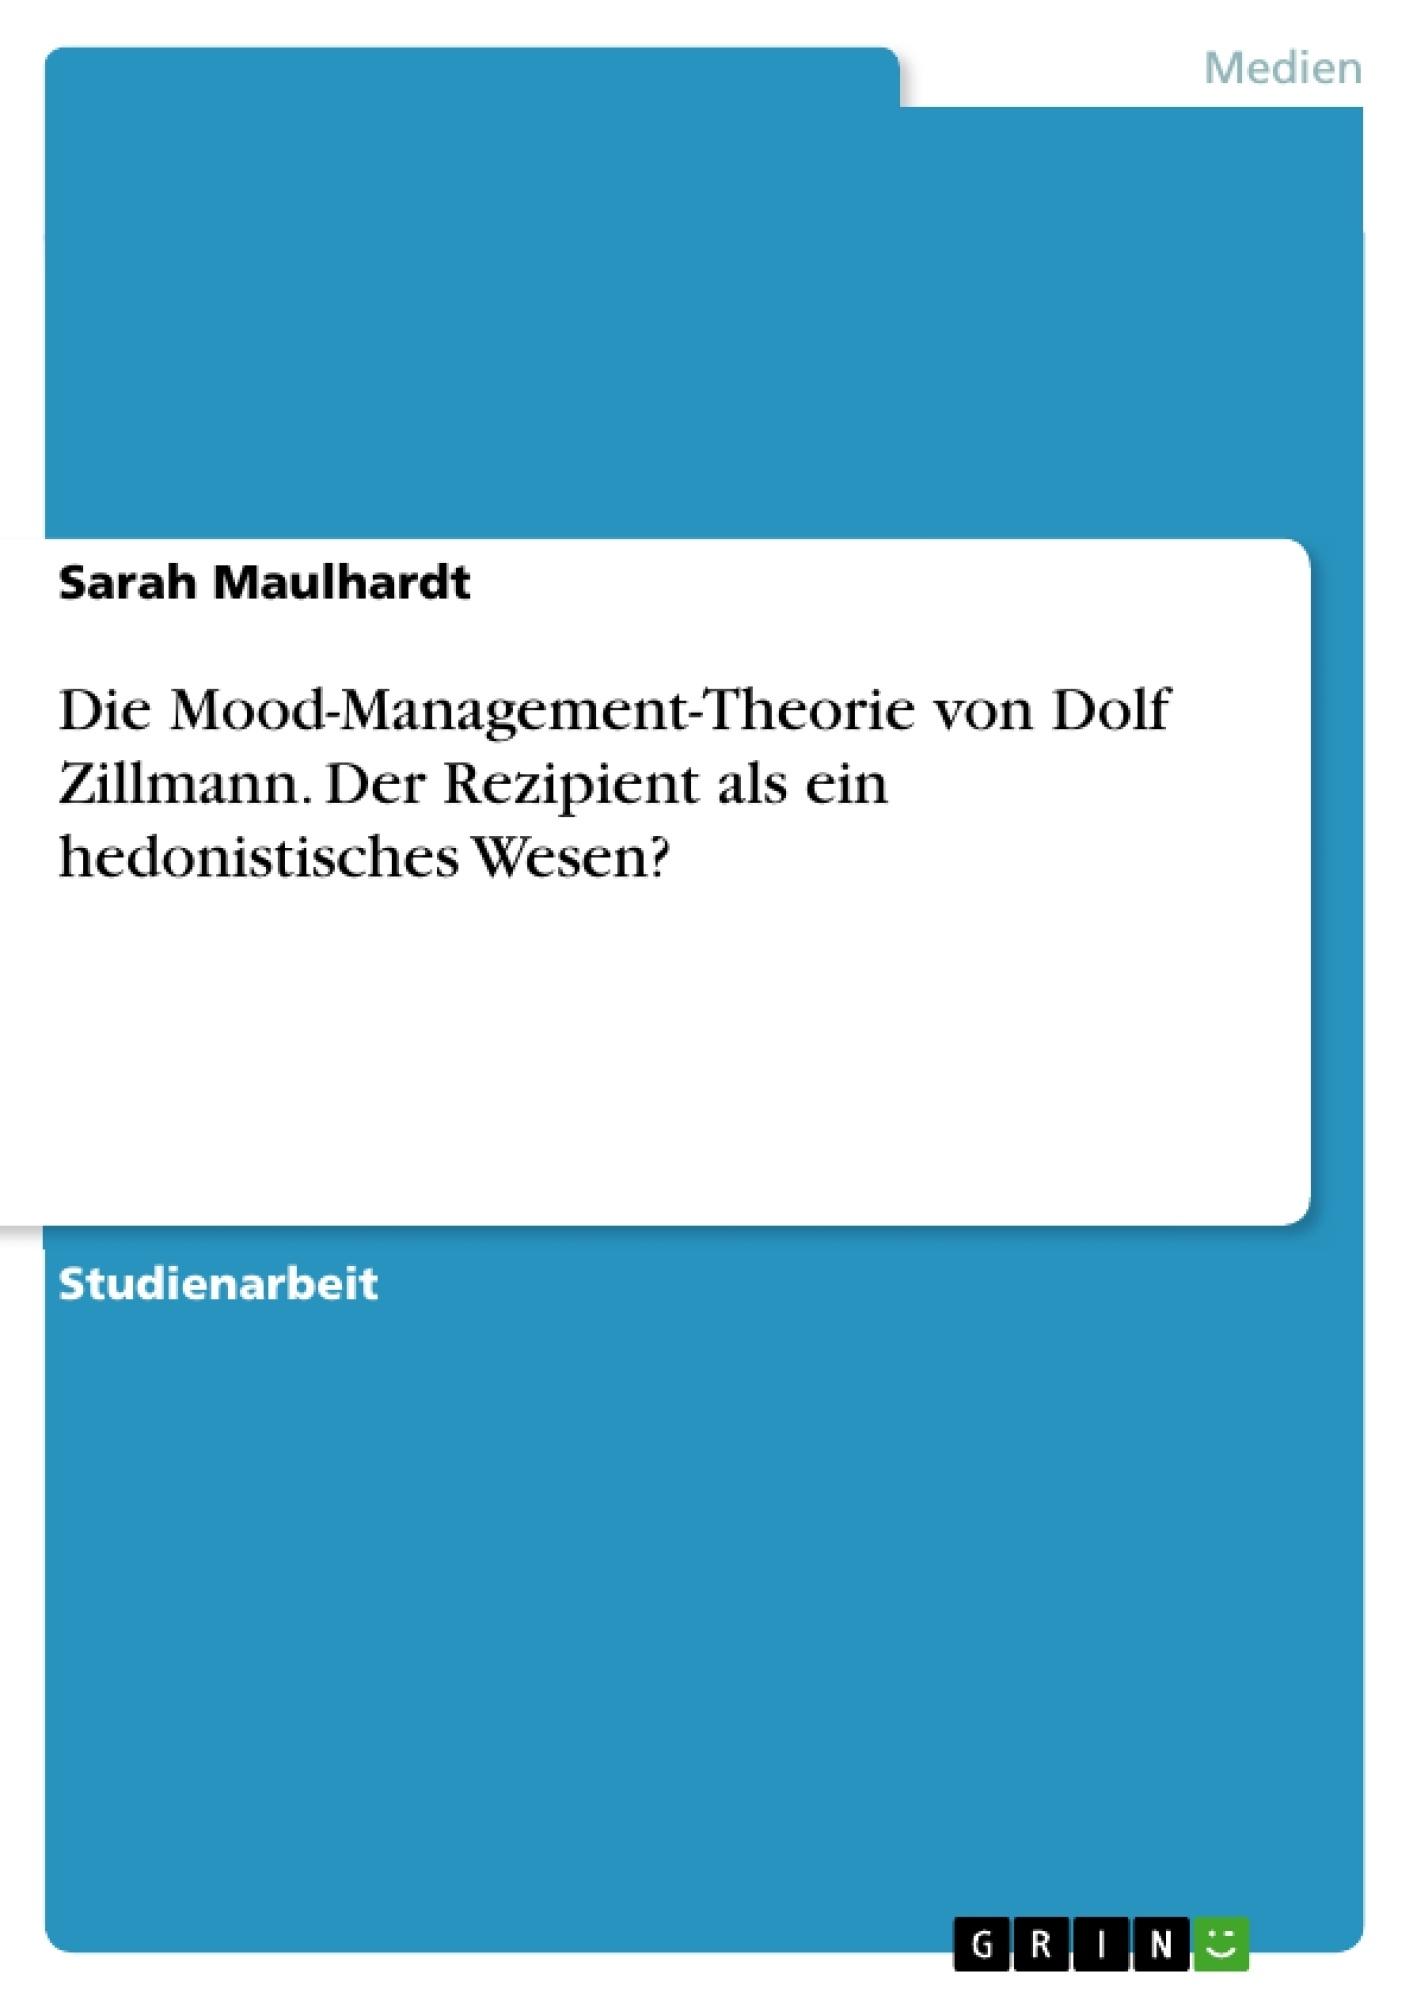 Titel: Die Mood-Management-Theorie von Dolf Zillmann. Der Rezipient als ein hedonistisches Wesen?